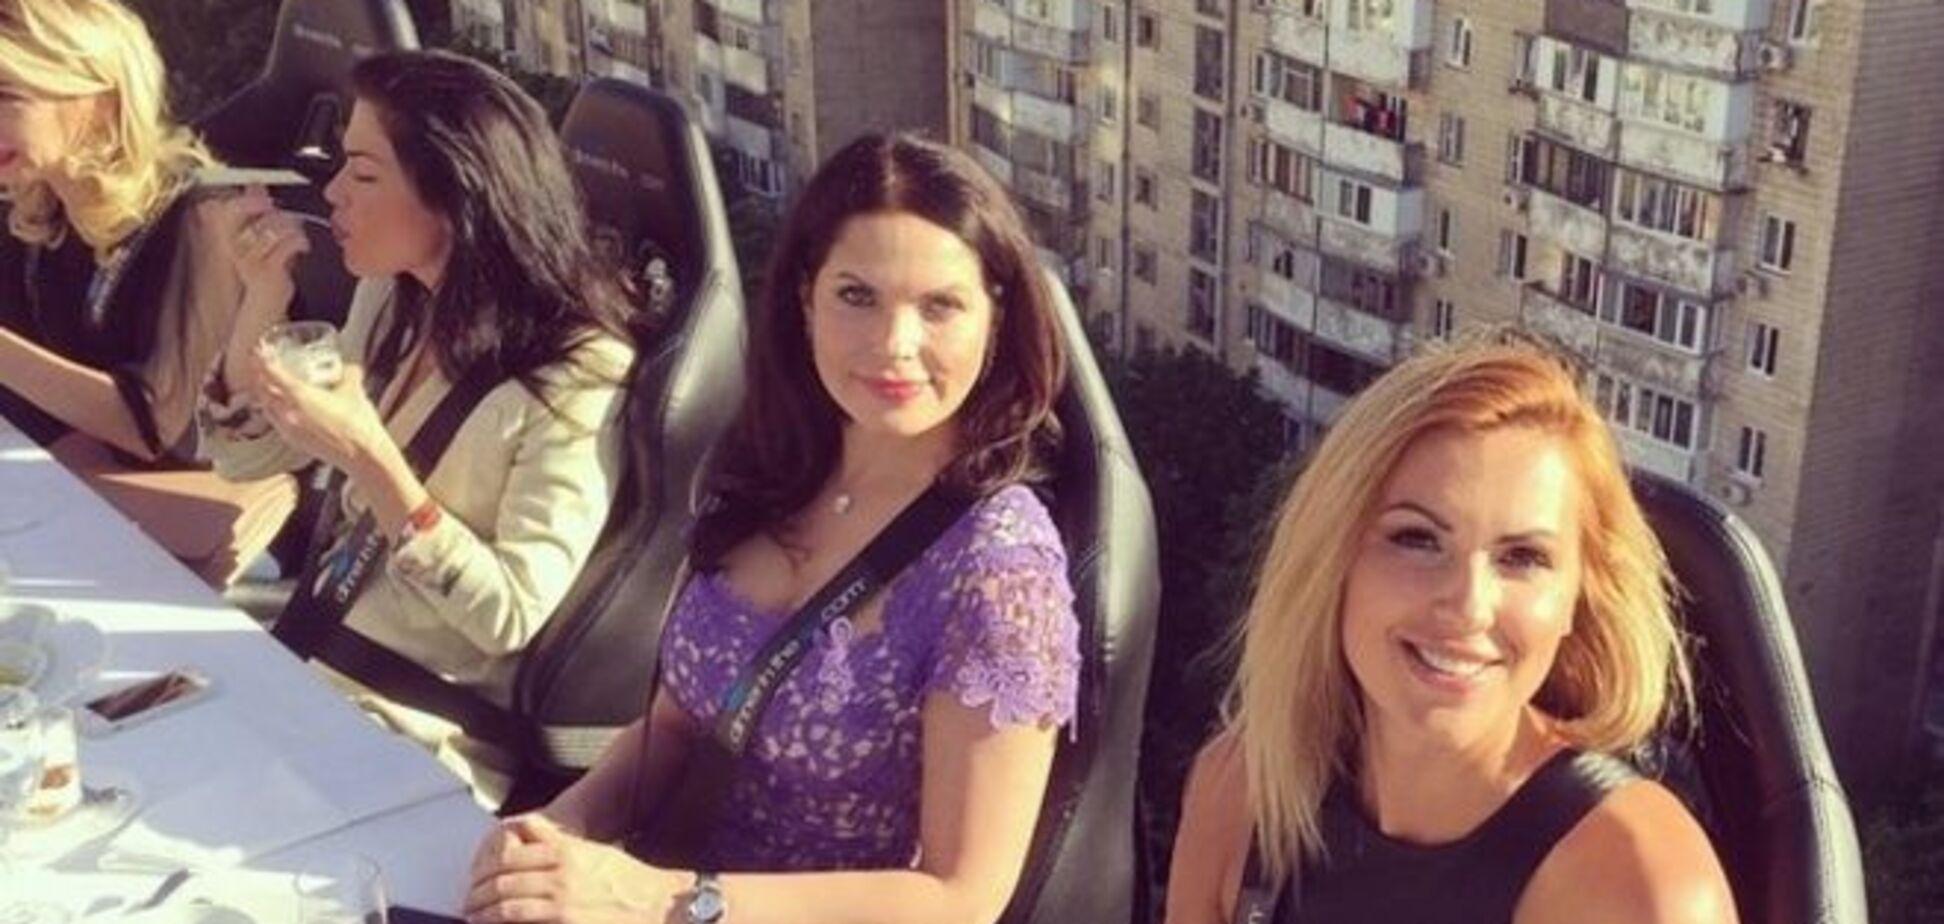 Яна Клочкова провела экстремальный ужин в воздухе: захватывающие фото